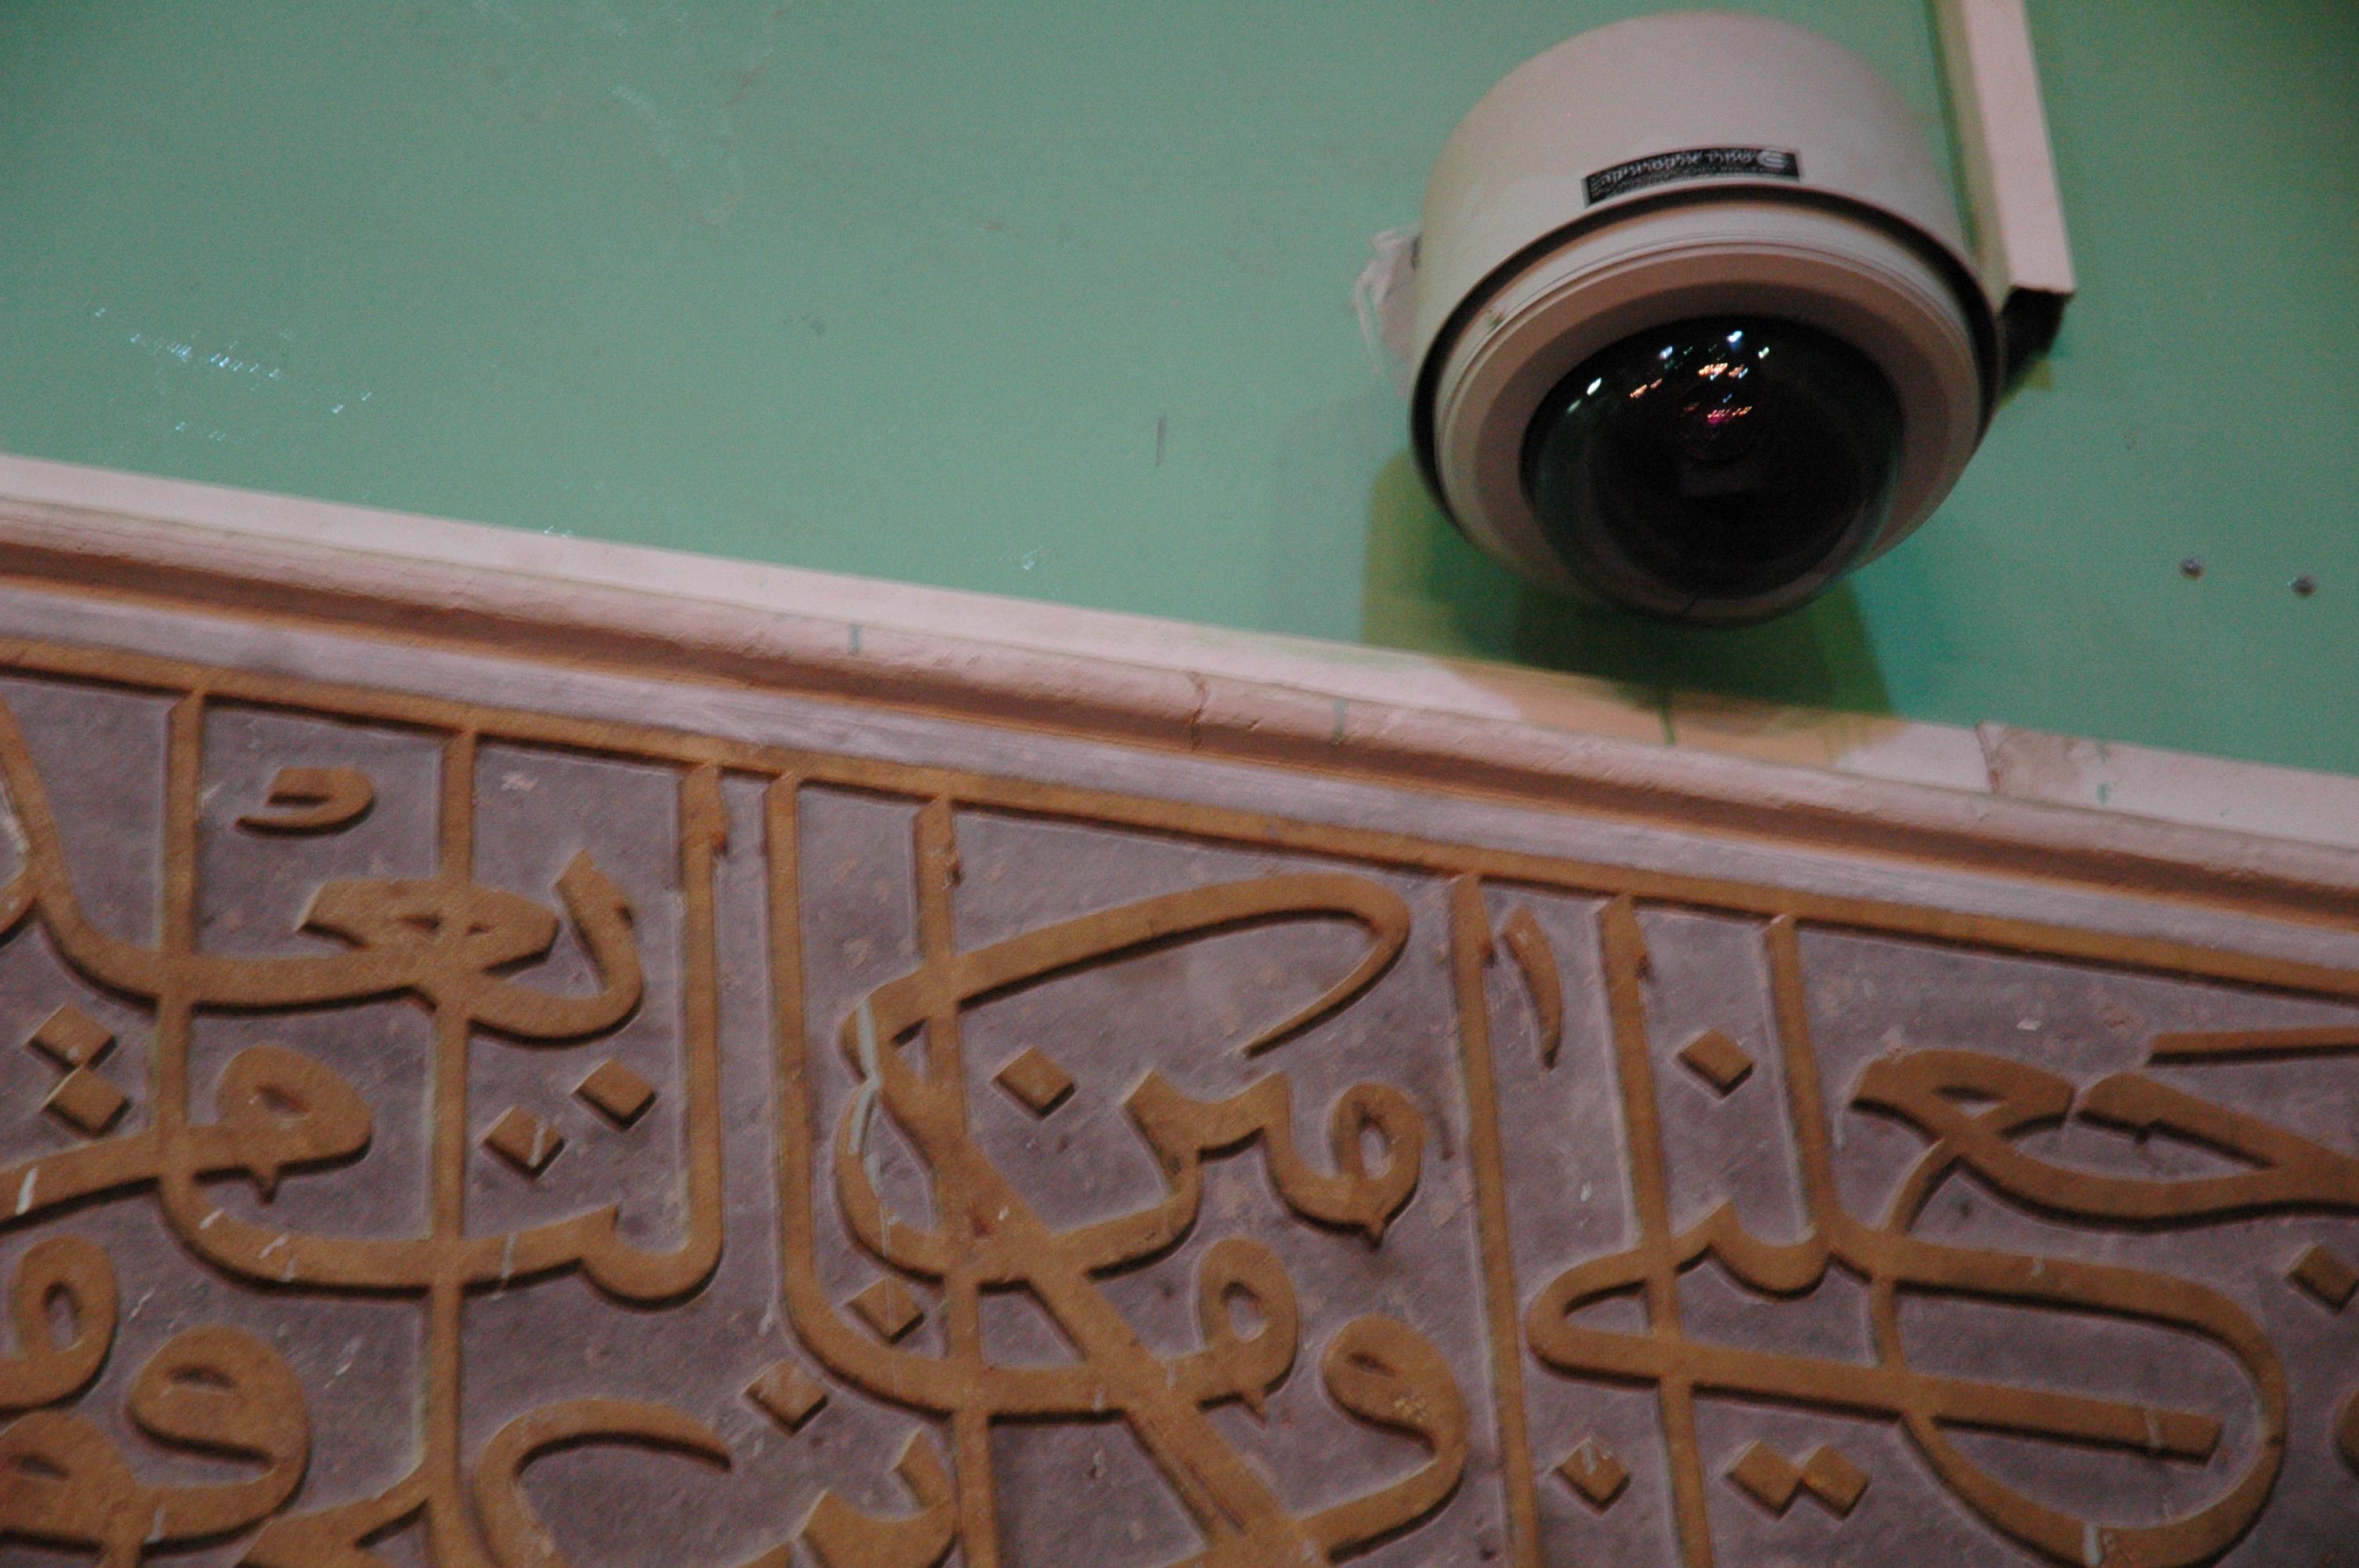 О законности установки дополнительных камер в мечетях узнают у прокуратуры